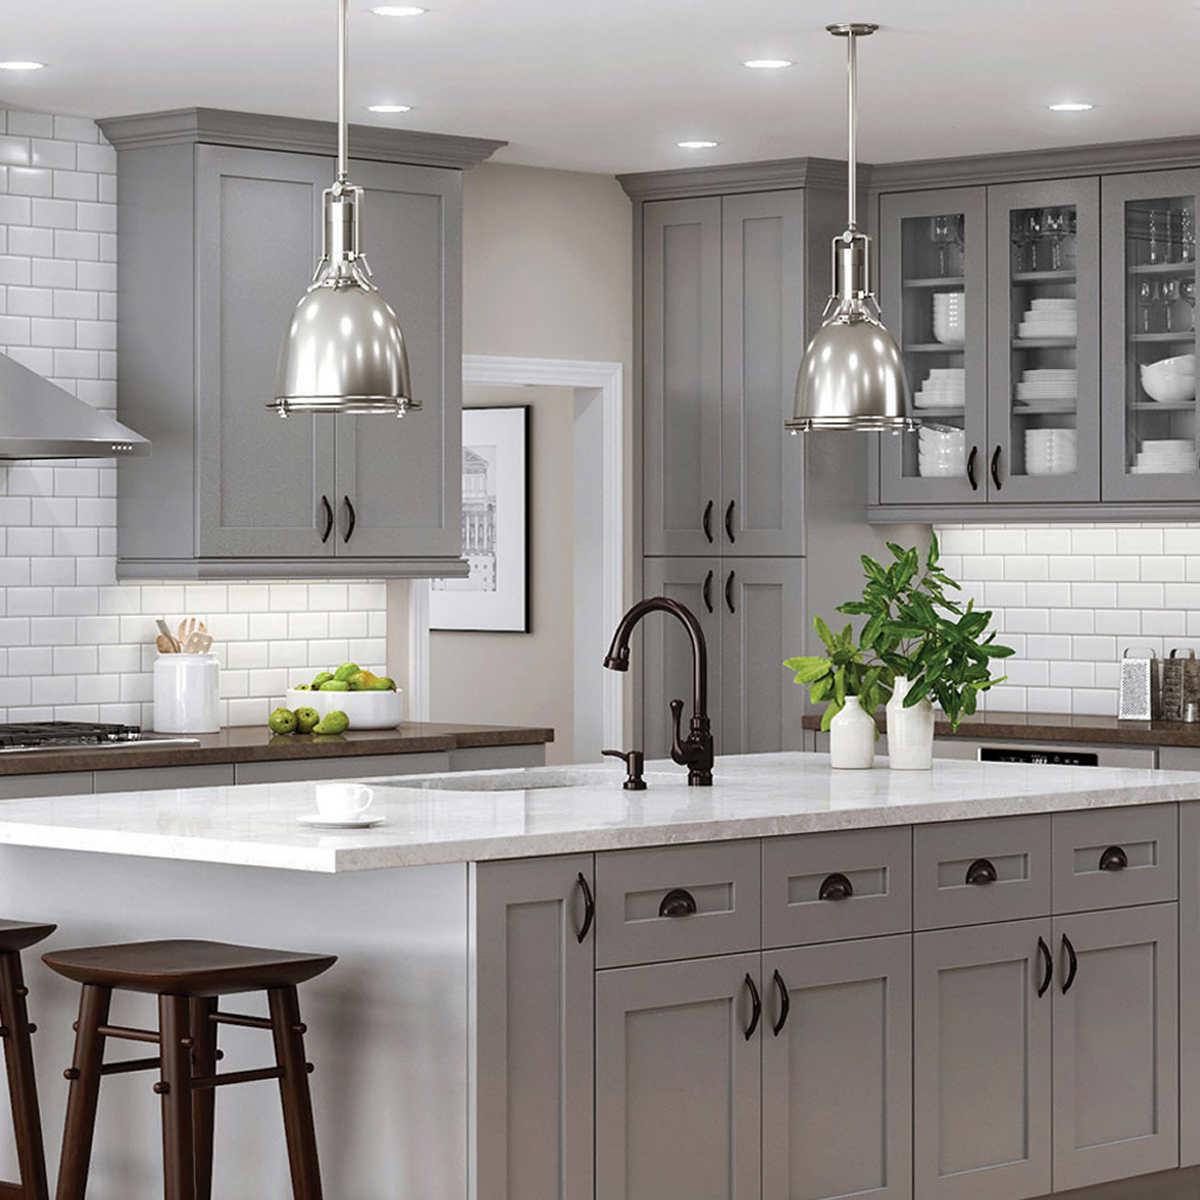 En outre, vos meubles et vos vêtements risquent plus facilement de se salir et d'absorber les odeurs de cuisine.